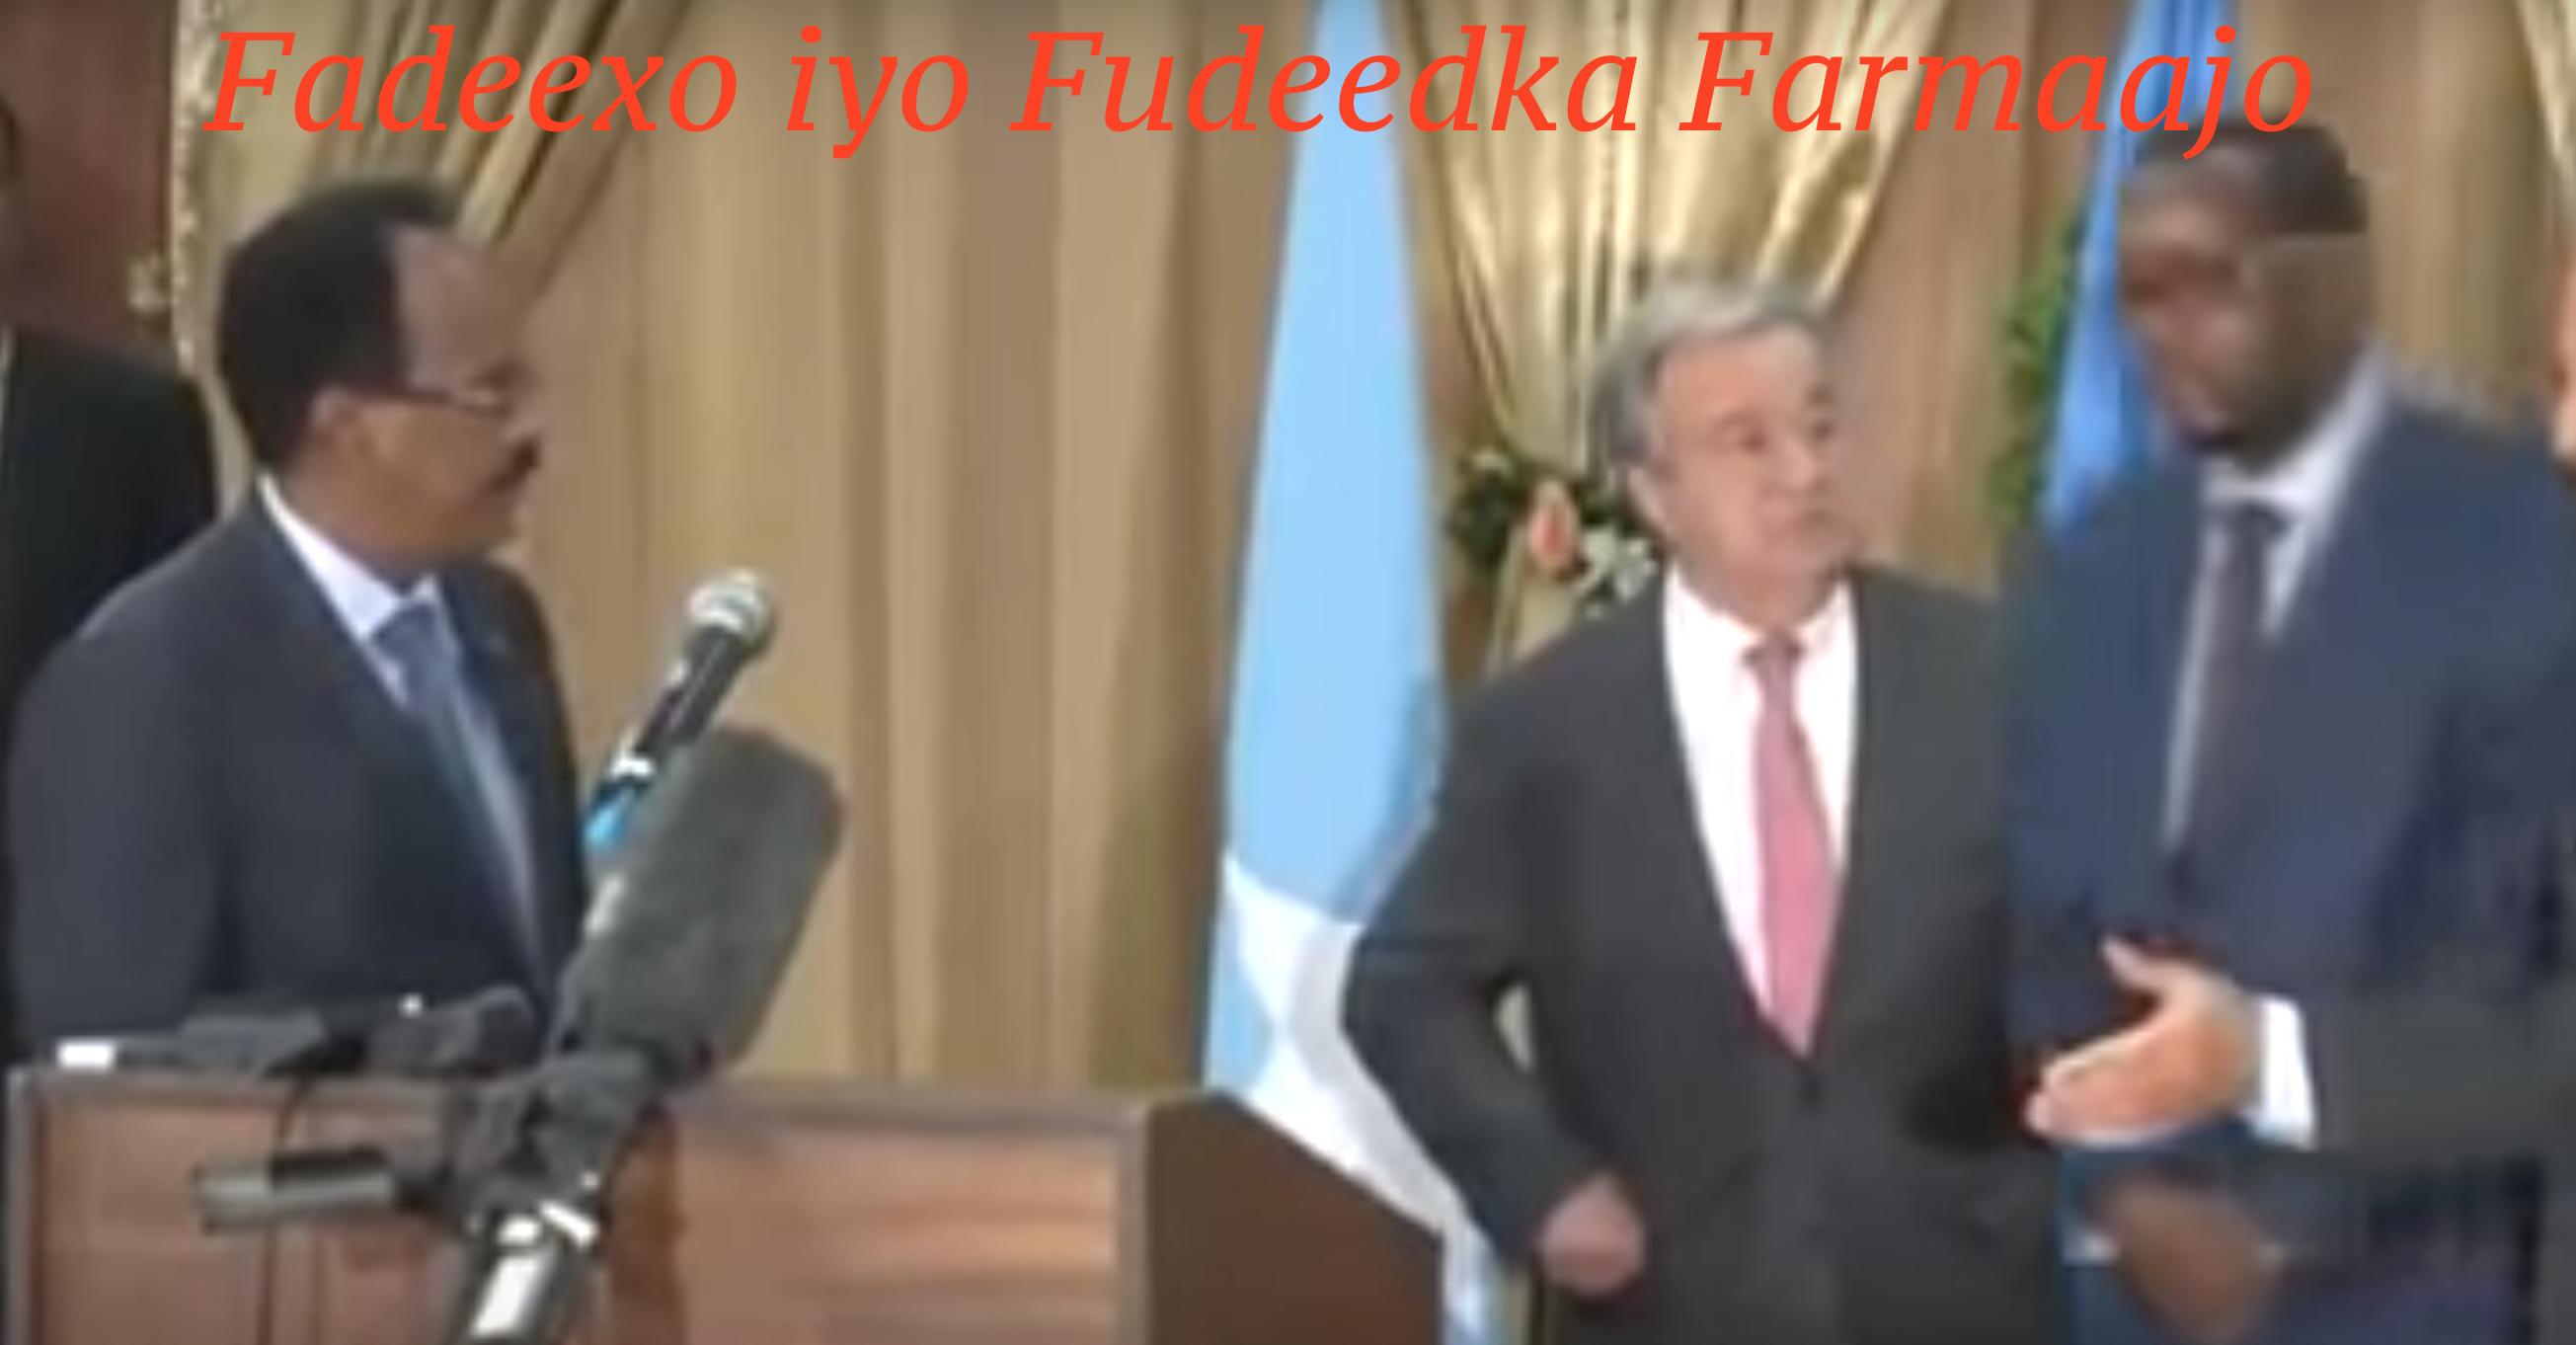 [Daawo] Fudeedka iyo Fadeexadda Farmaajo iyo baratakool xumadiisa